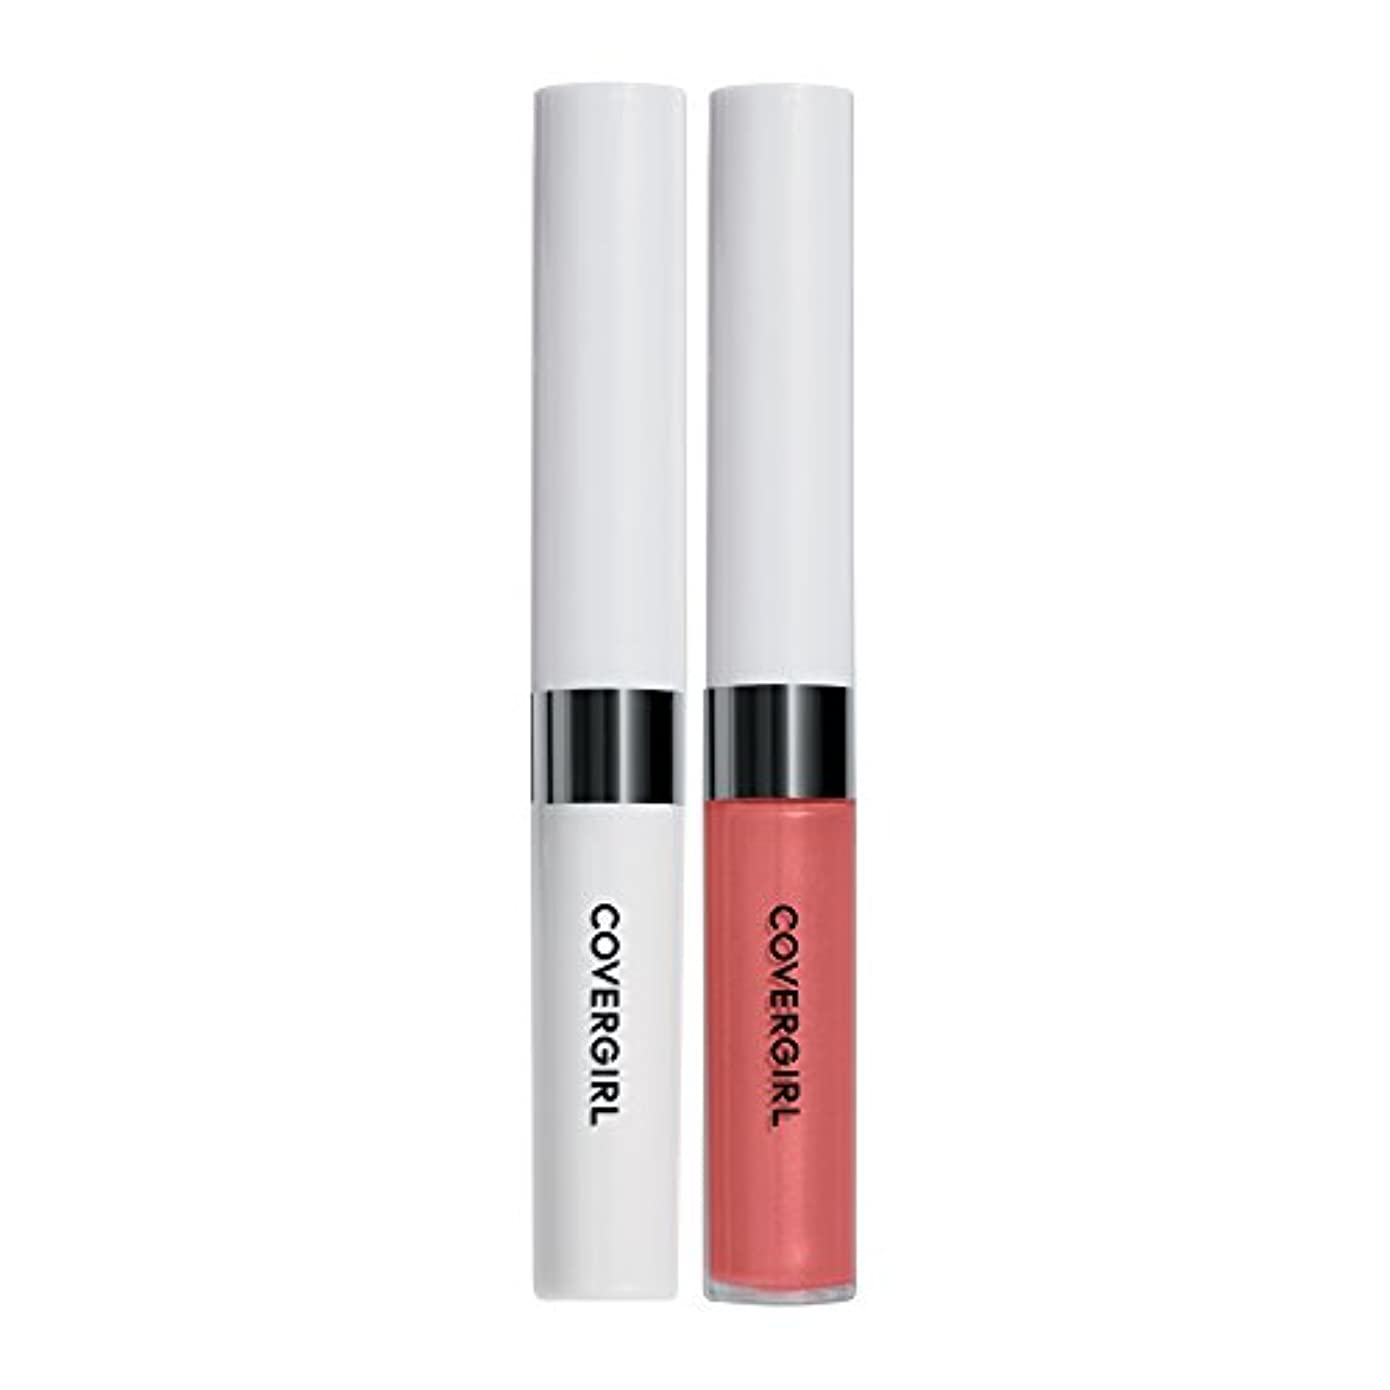 サポートローブレクリエーションCOVERGIRL Outlast All-Day Moisturizing Lip Color, Coral Sunset 512 [並行輸入品]